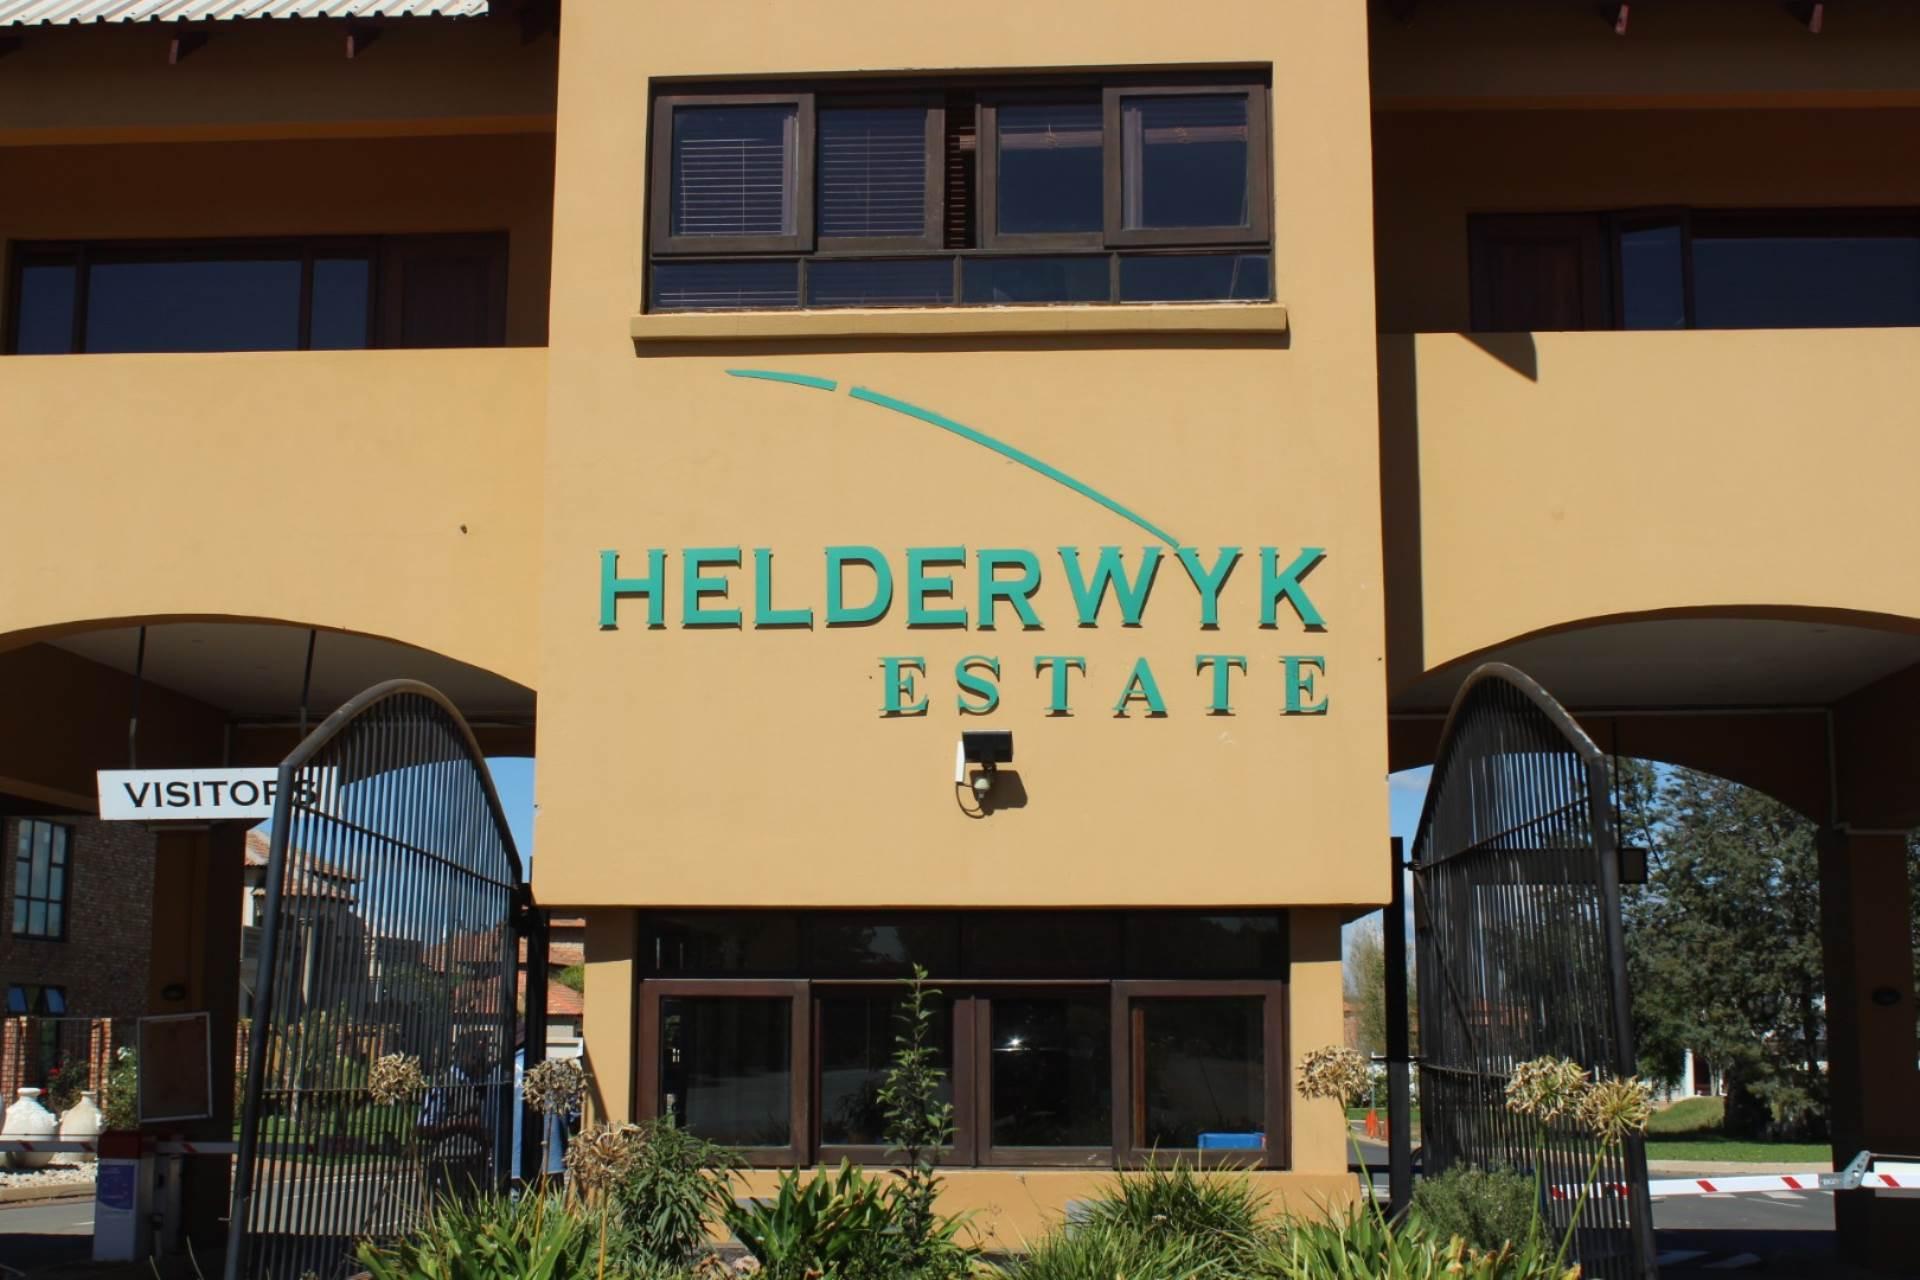 2 BedroomTownhouse To Rent In Helderwyk Estate